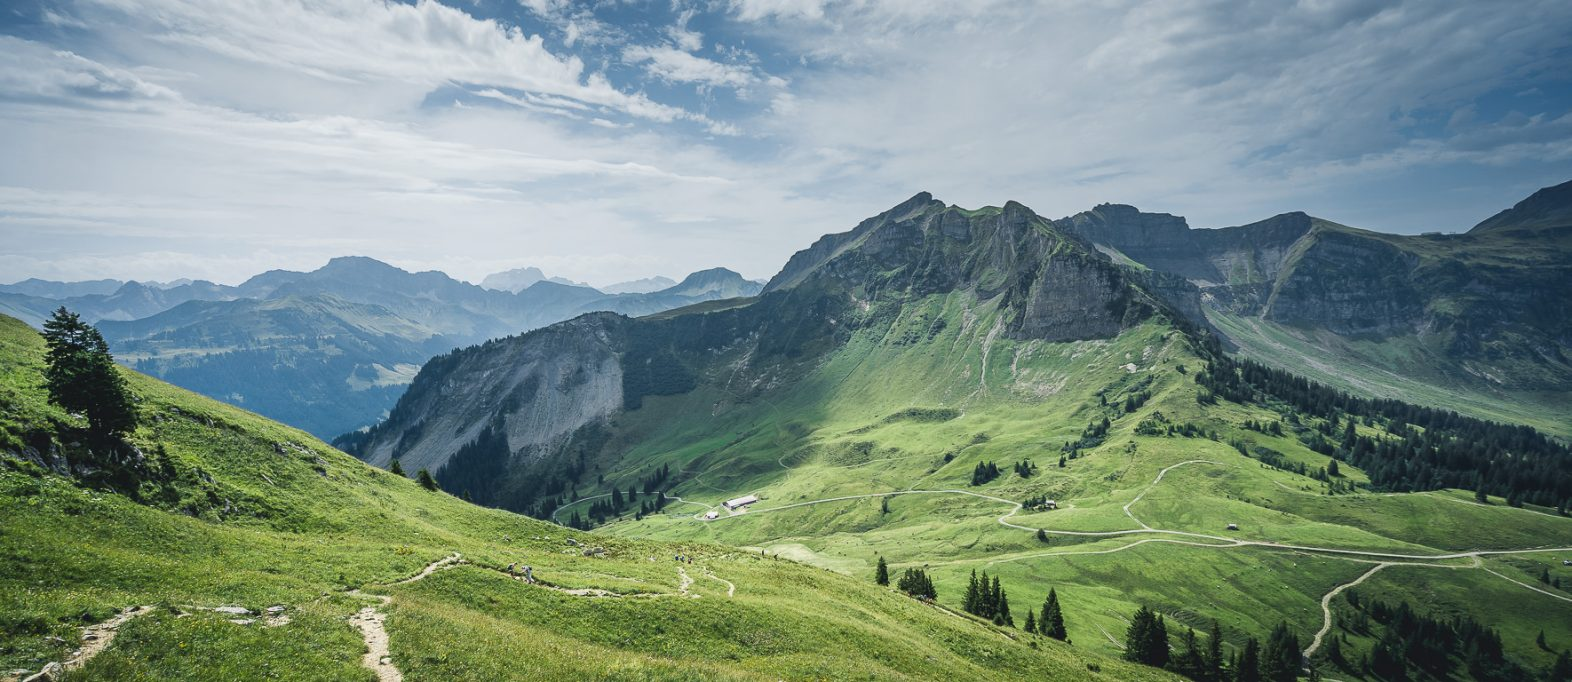 Bregenzerwald in Vorarlberg: Outdoor Aktivitäten, Wandern und Tipps